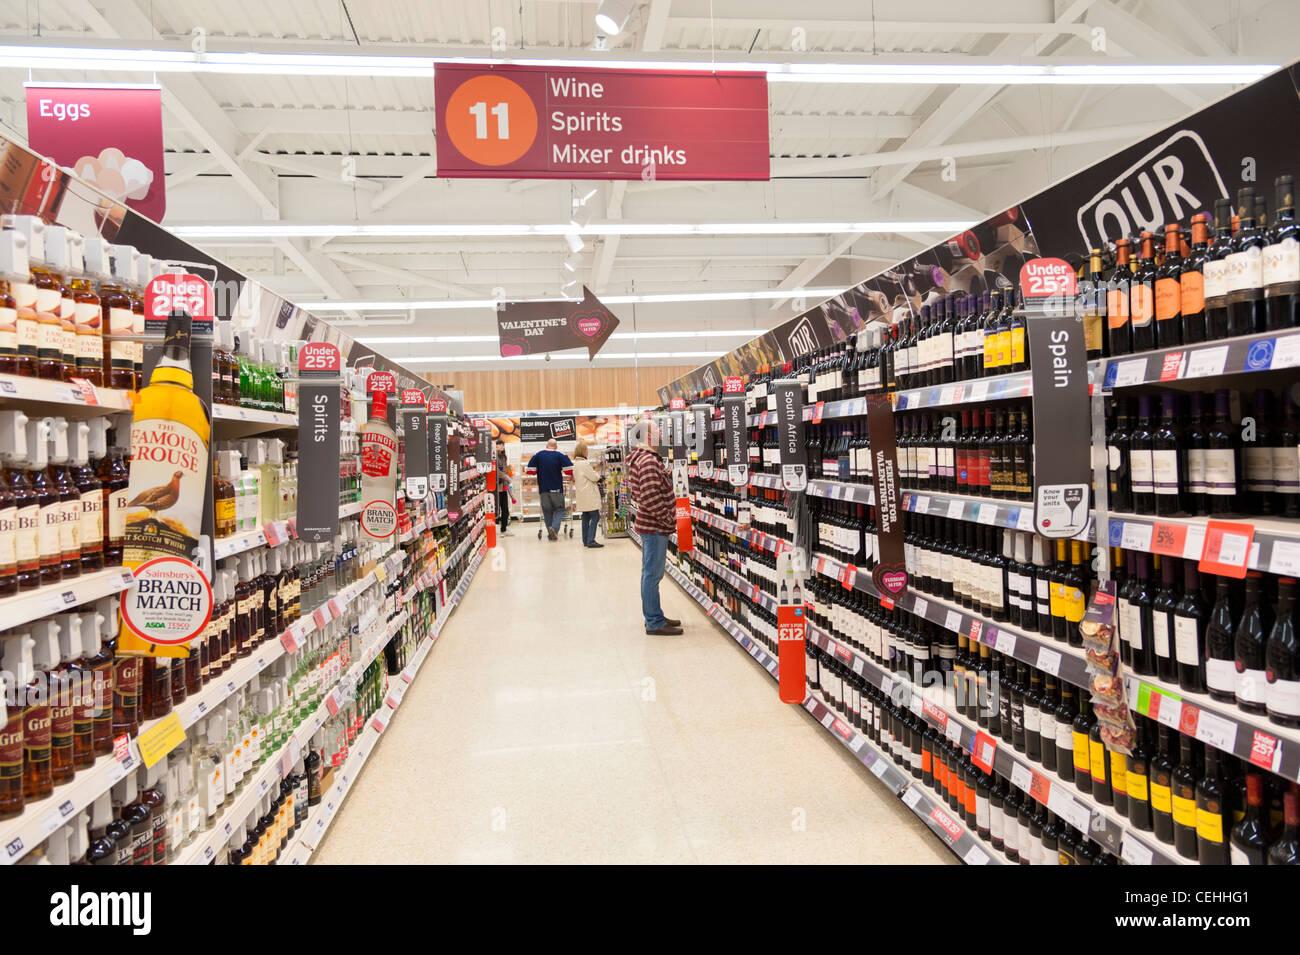 Alcoholic drinks aisle in Sainsbury's supermarket, England, UK - Stock Image